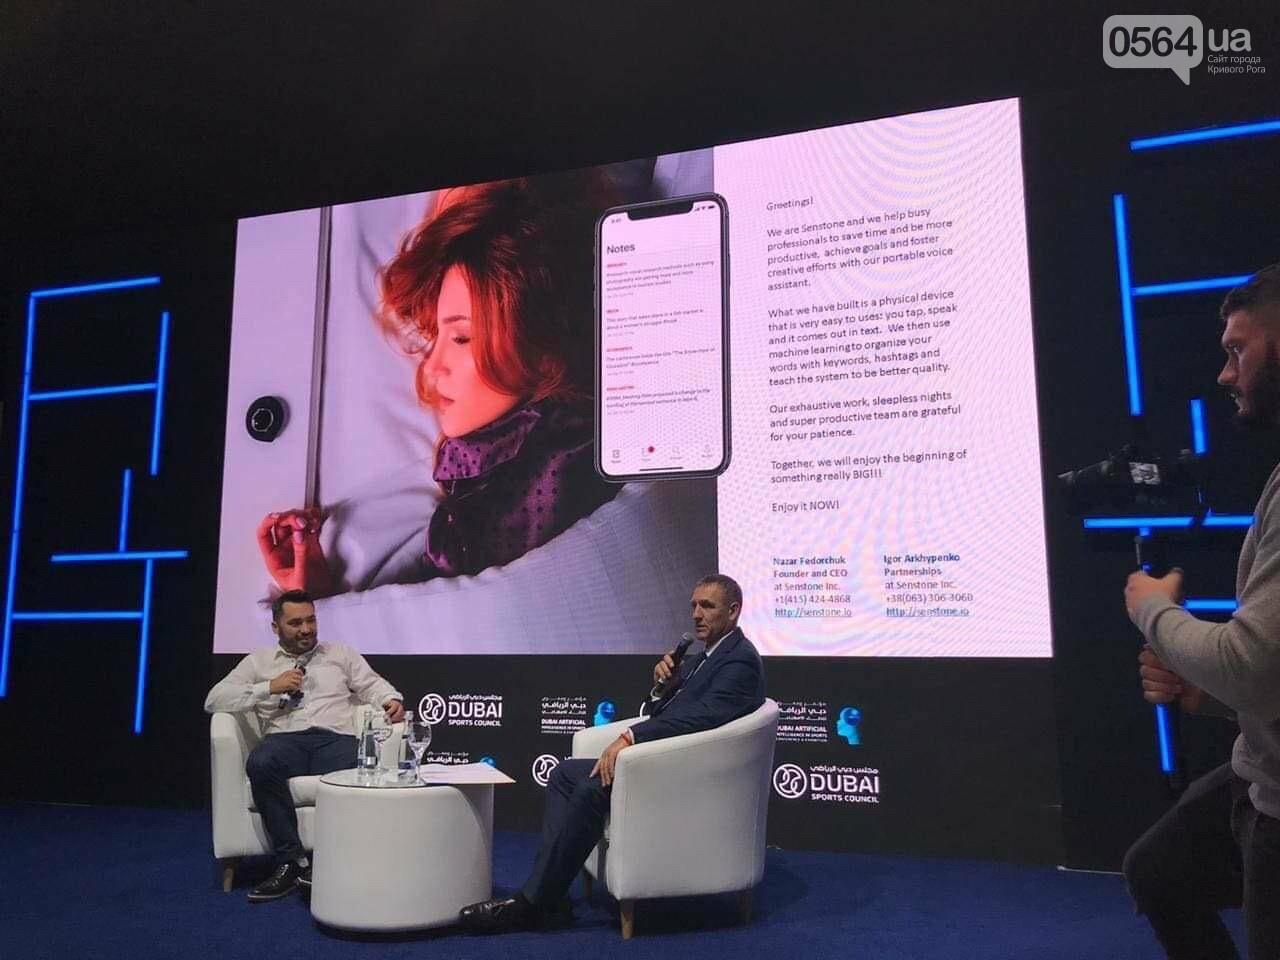 Впервые криворожанин выступил в Дубае с докладом на Конференции по использованию ИИ в спорте, - ФОТО, фото-7